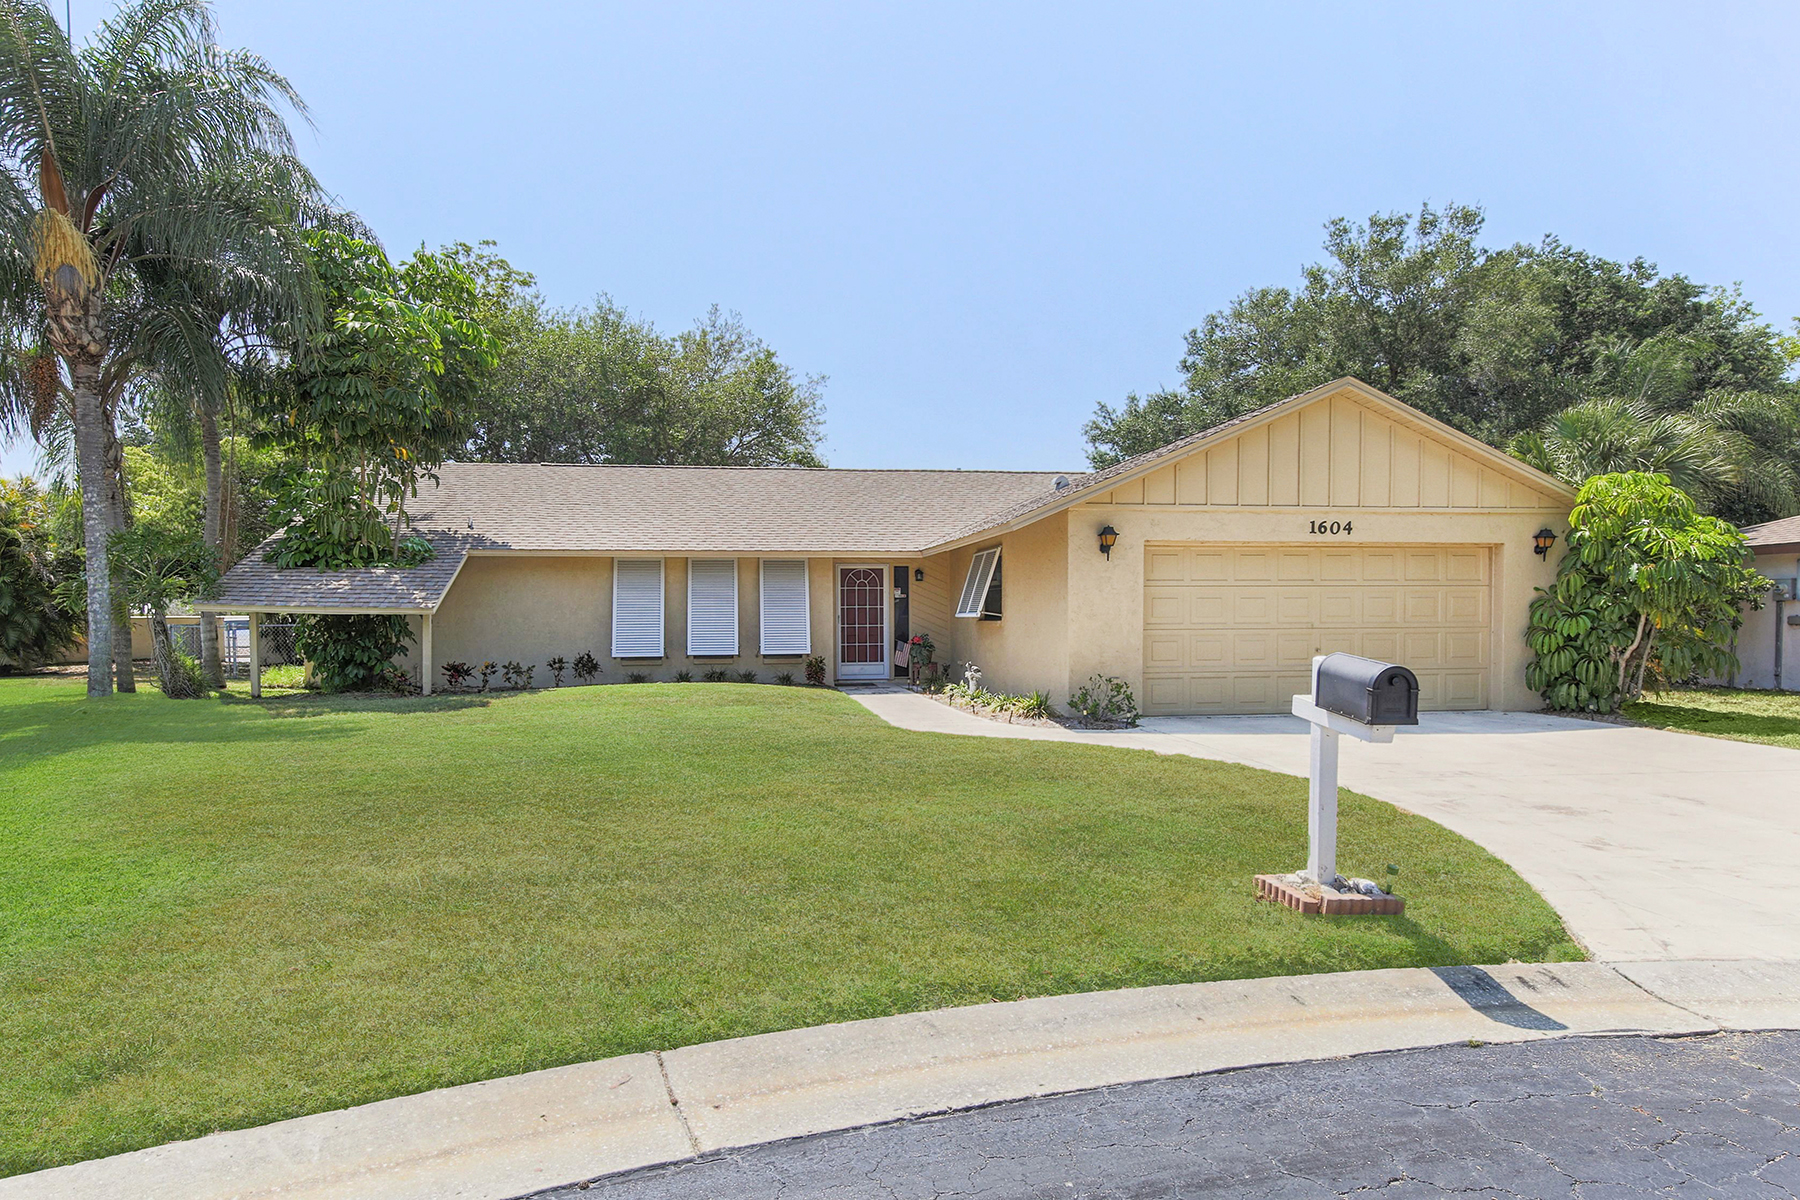 Частный односемейный дом для того Продажа на JACARANDA WEST 1604 Duffy Ct Venice, Флорида, 34293 Соединенные Штаты